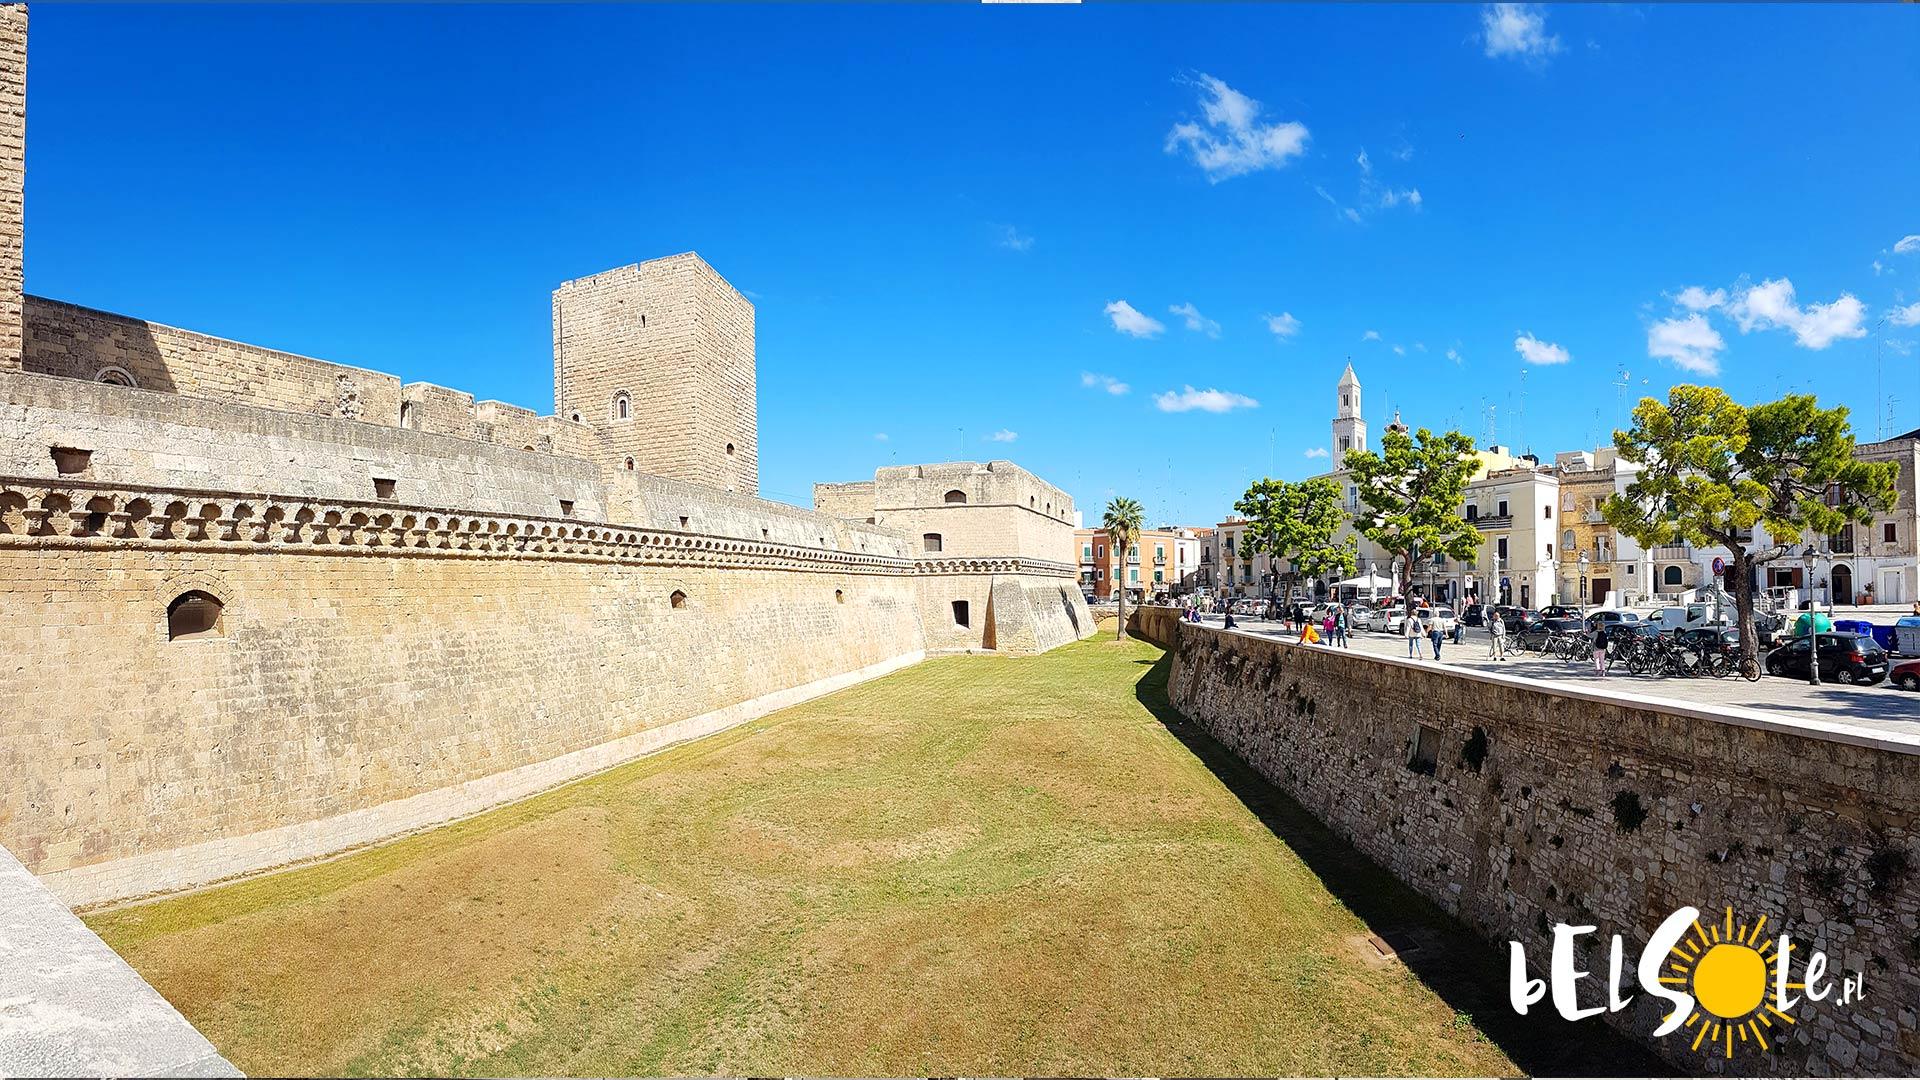 Castello Normano Svevo w Bari